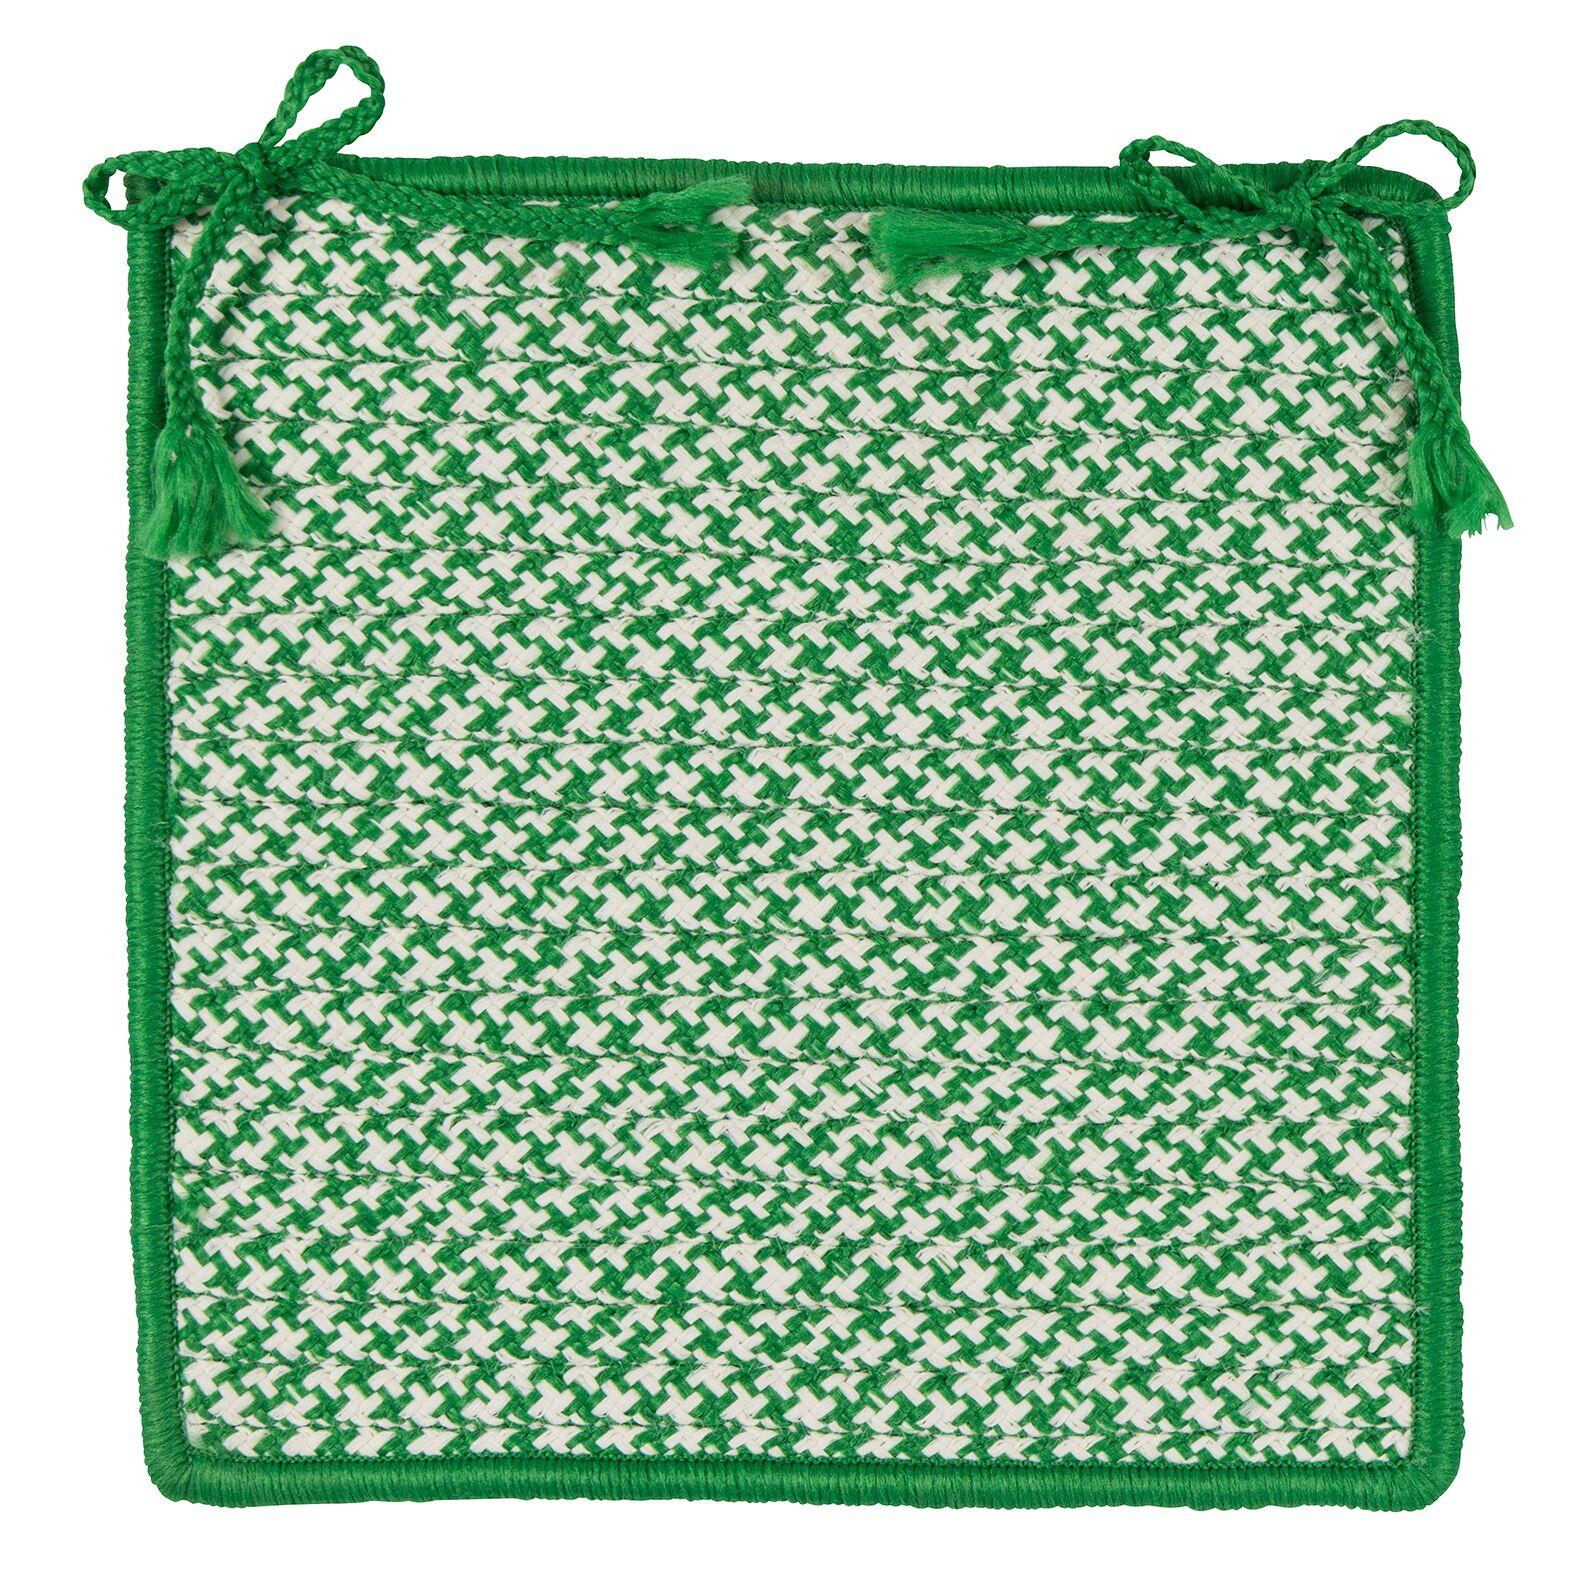 Chair Cushion Fabric: Grass